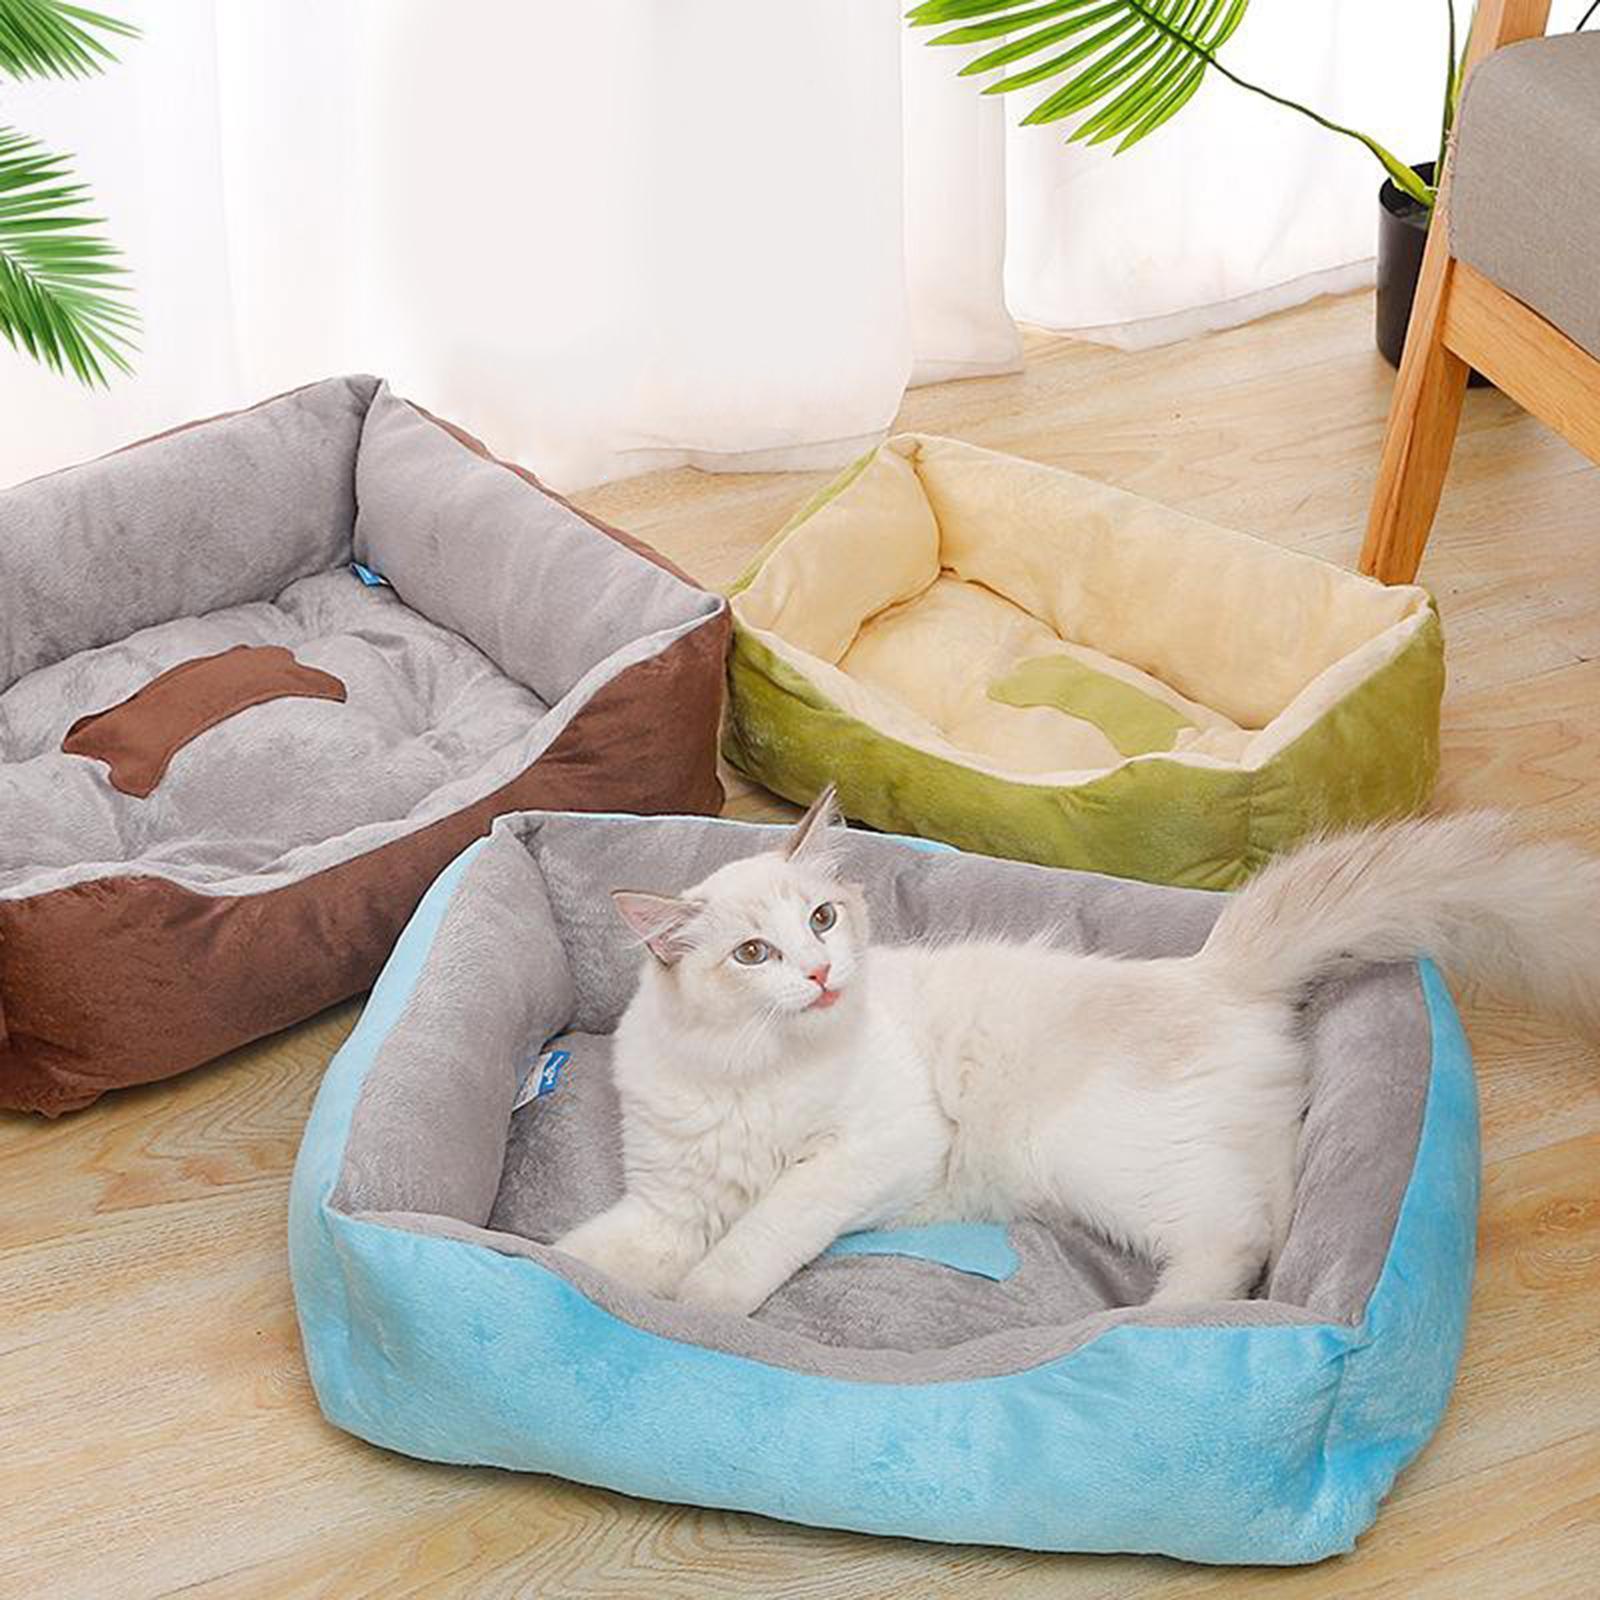 Indexbild 5 - Katze-Hund-Bett-Pet-Kissen-Betten-Haus-Schlaf-Soft-Warmen-Zwinger-Decke-Nest